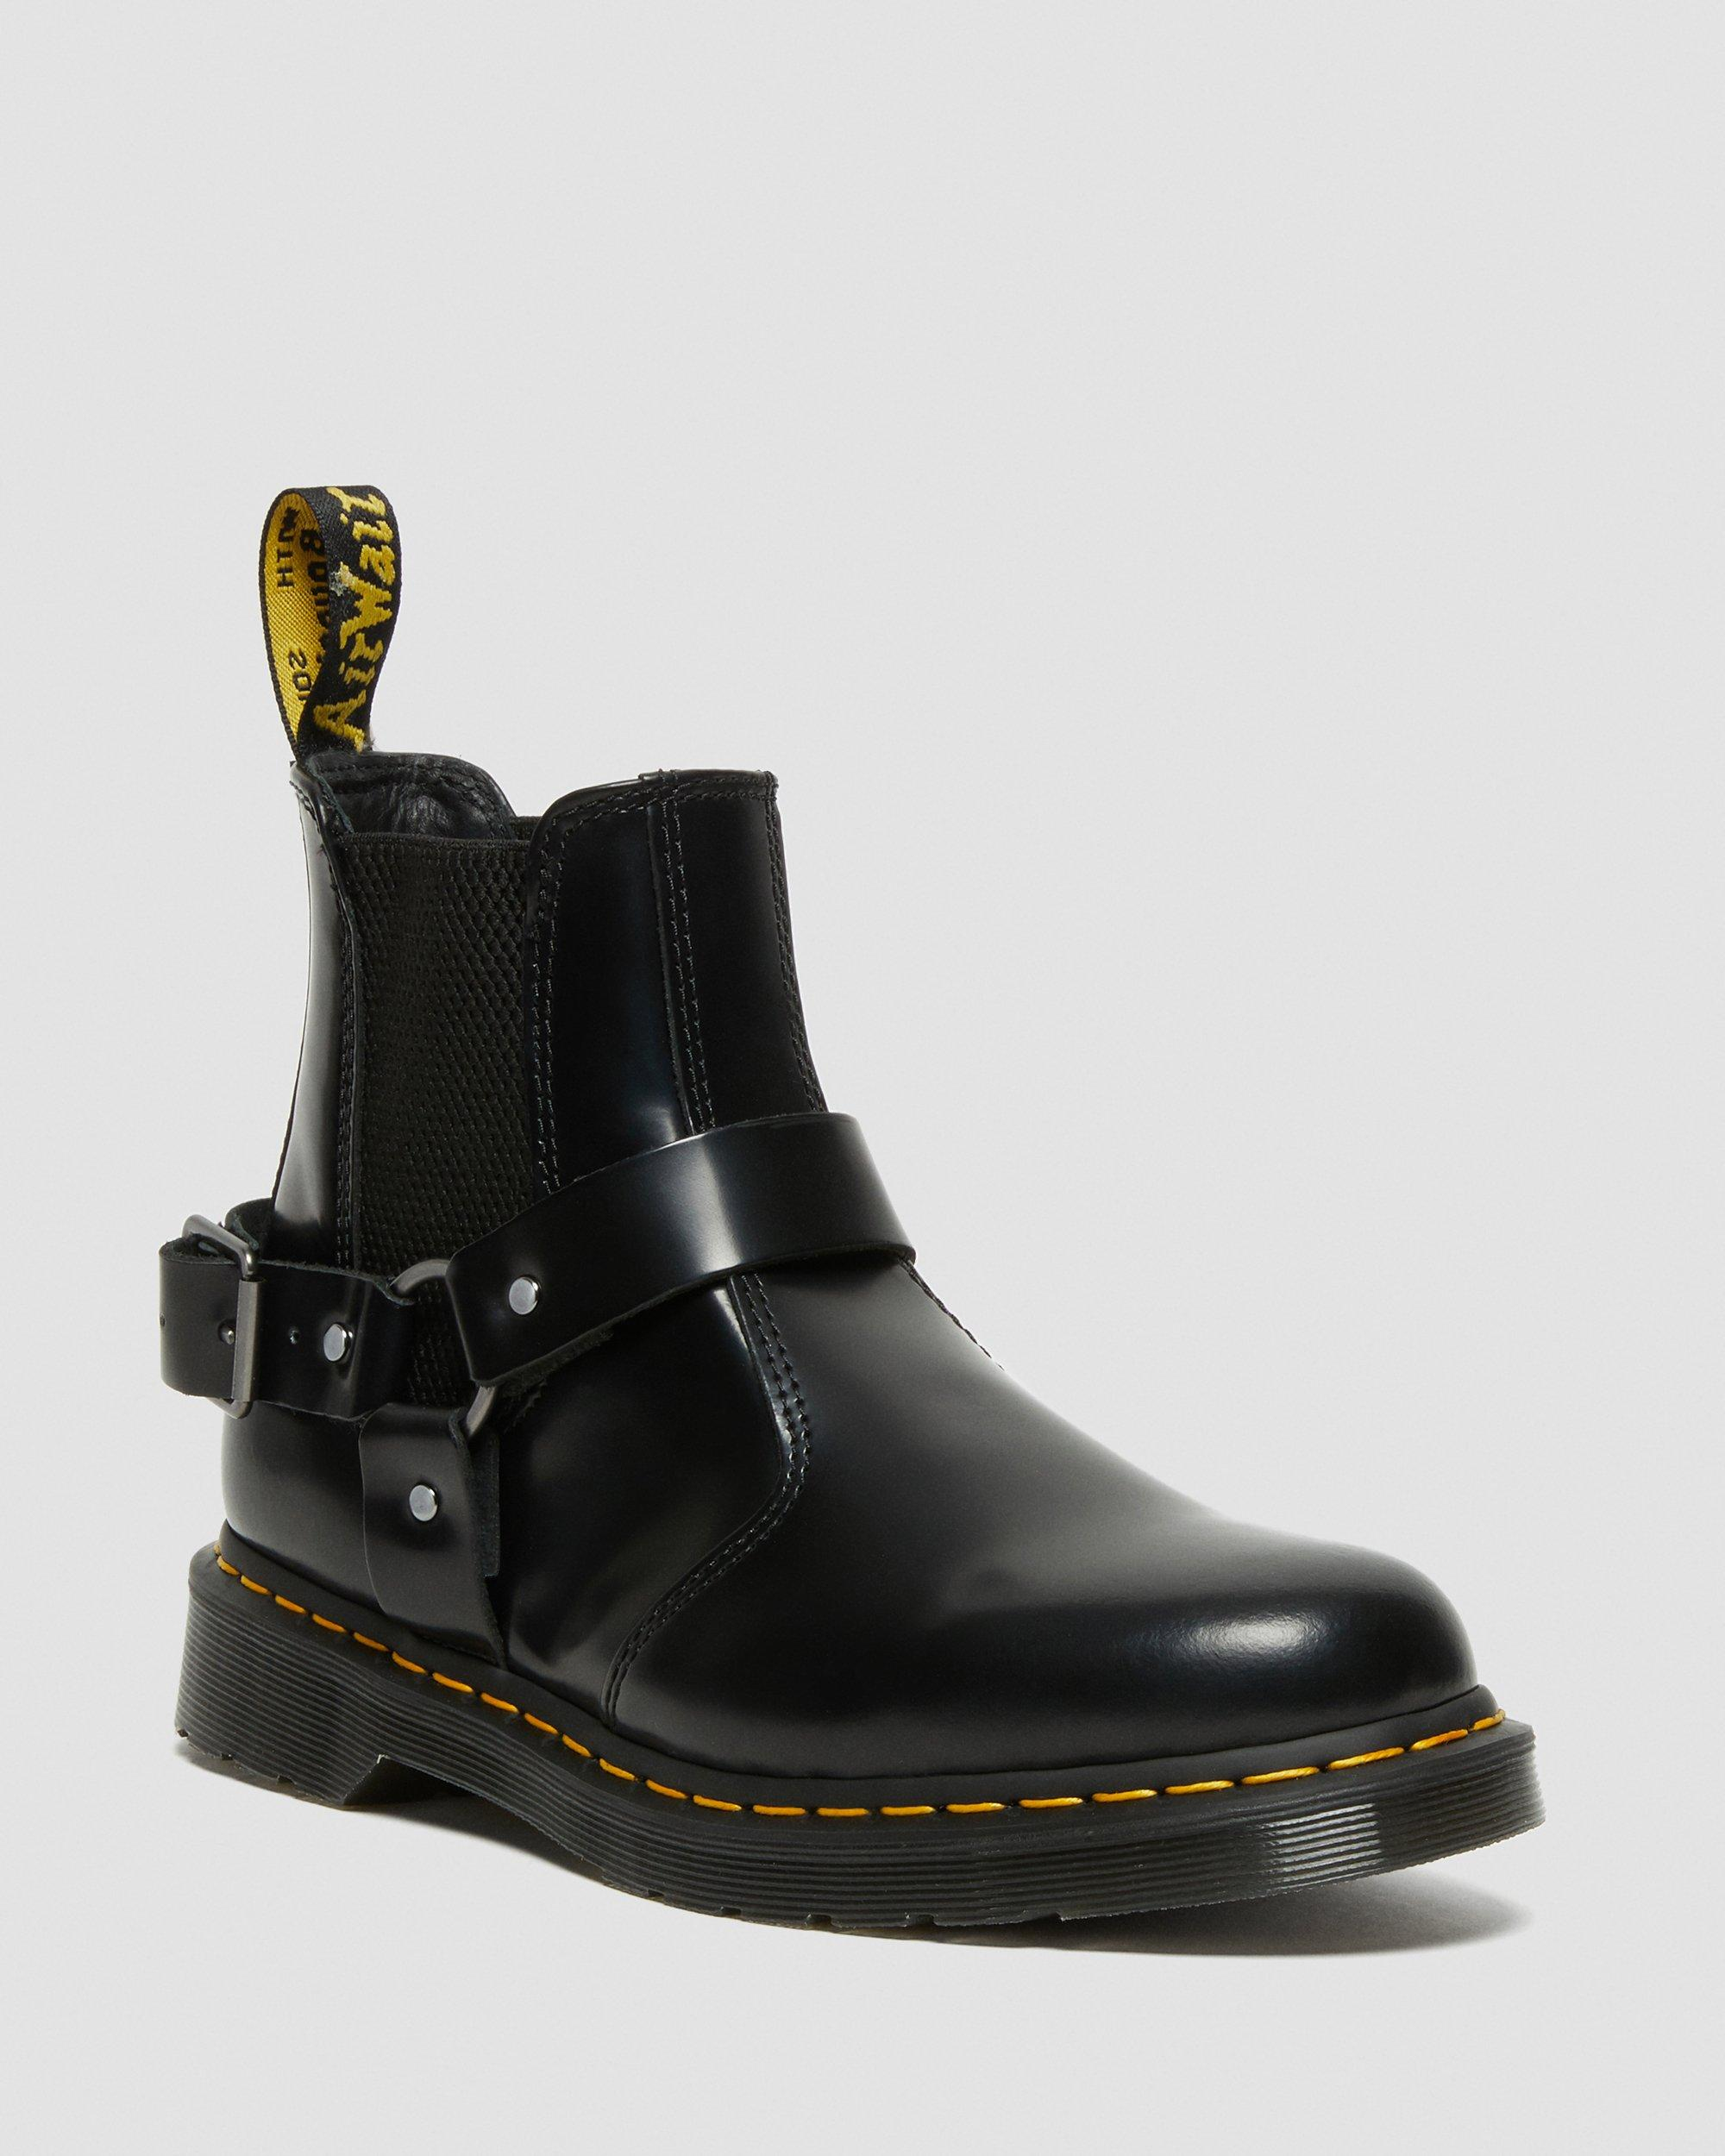 Men's Boots, Shoes & Sandals | Dr. Martens Official